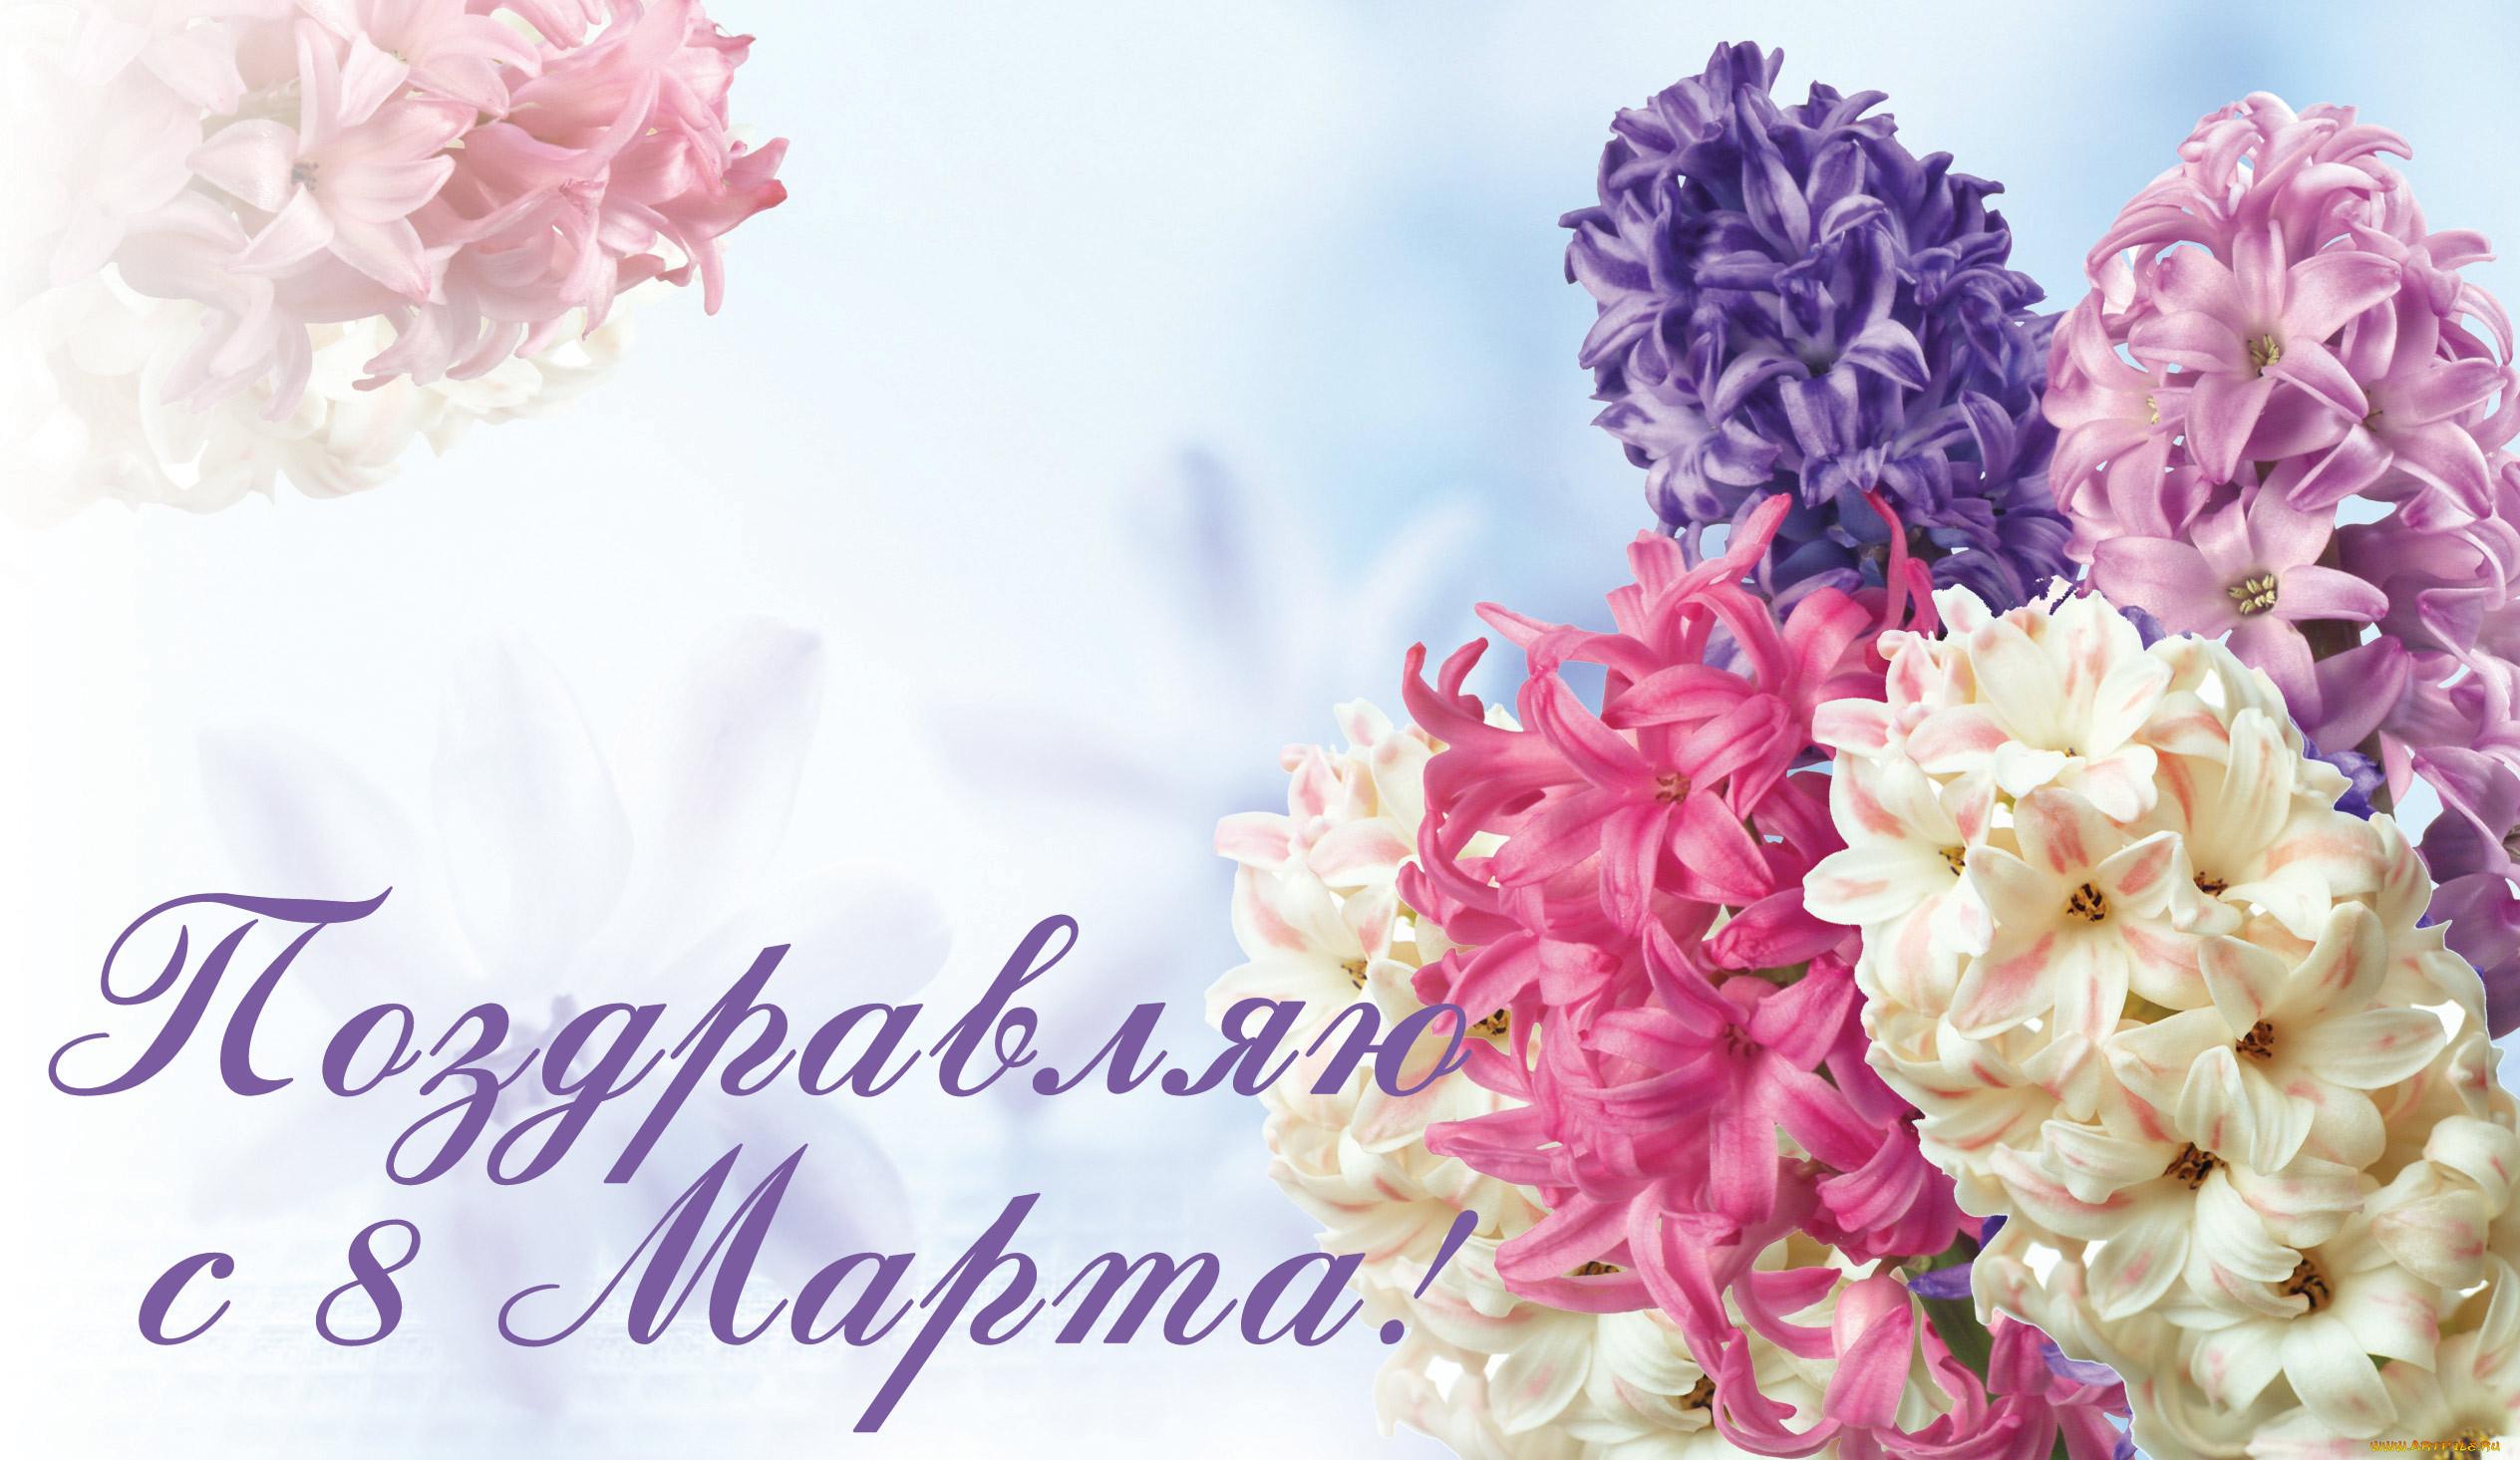 Поздравления для женщин Волгодонского района с Международным женским днём 8 марта